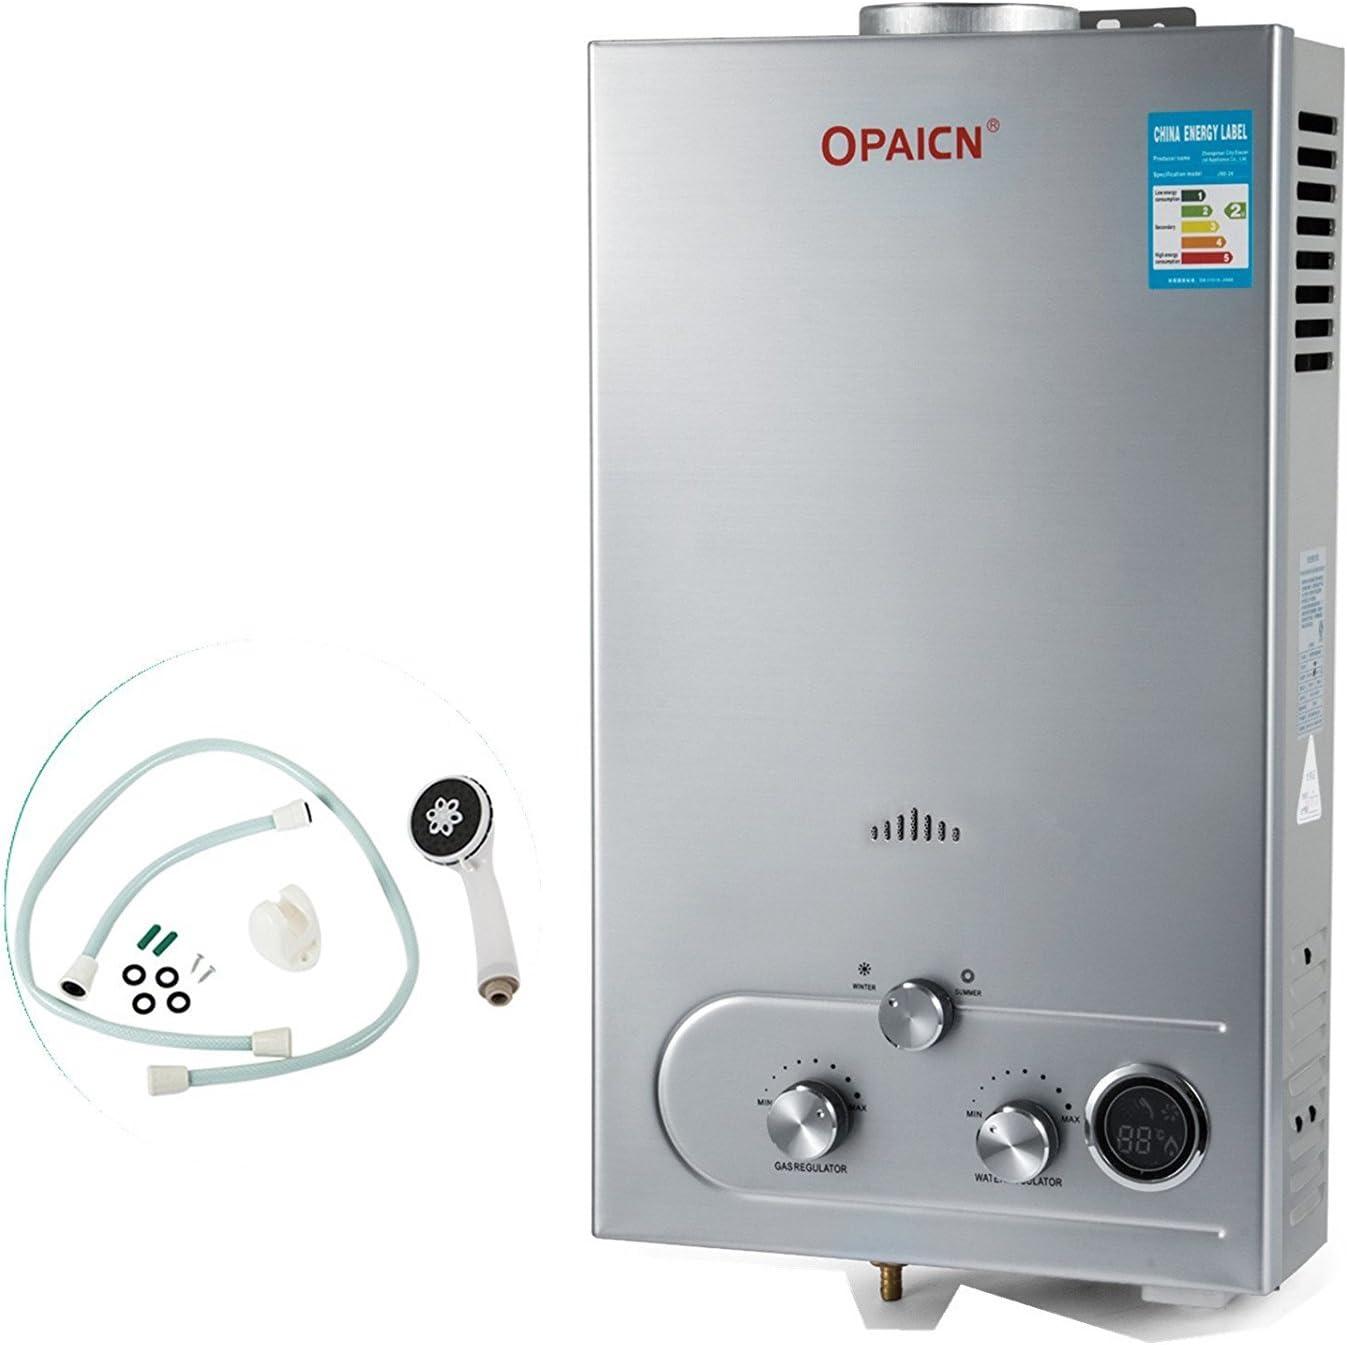 Guellin LNG Calentador de Agua de Gas Natural Calentador de Agua Calentador de Agua Automático Calentador de Agua Instantáneo Natural Gas Water Heater (16L)